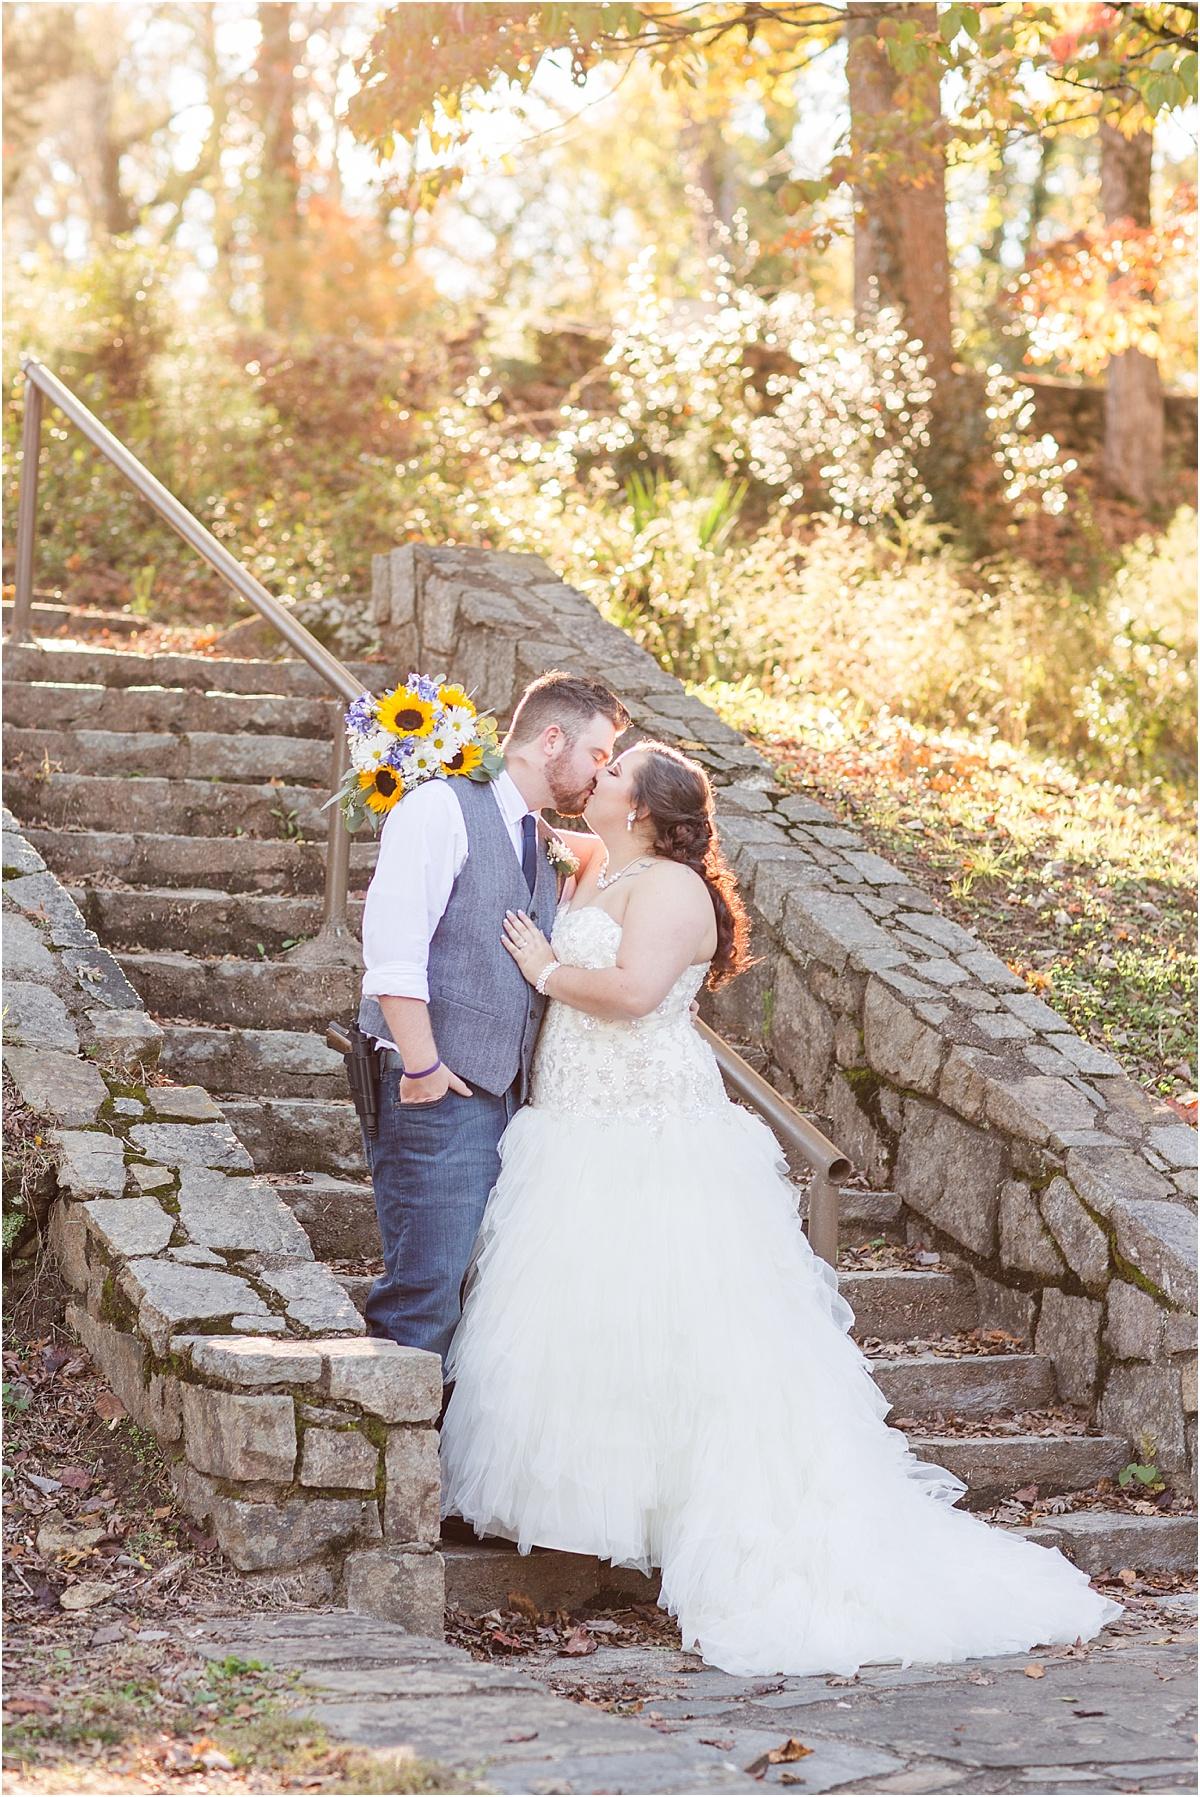 Indian_Springs_State_Park_Weddings_0062.jpg